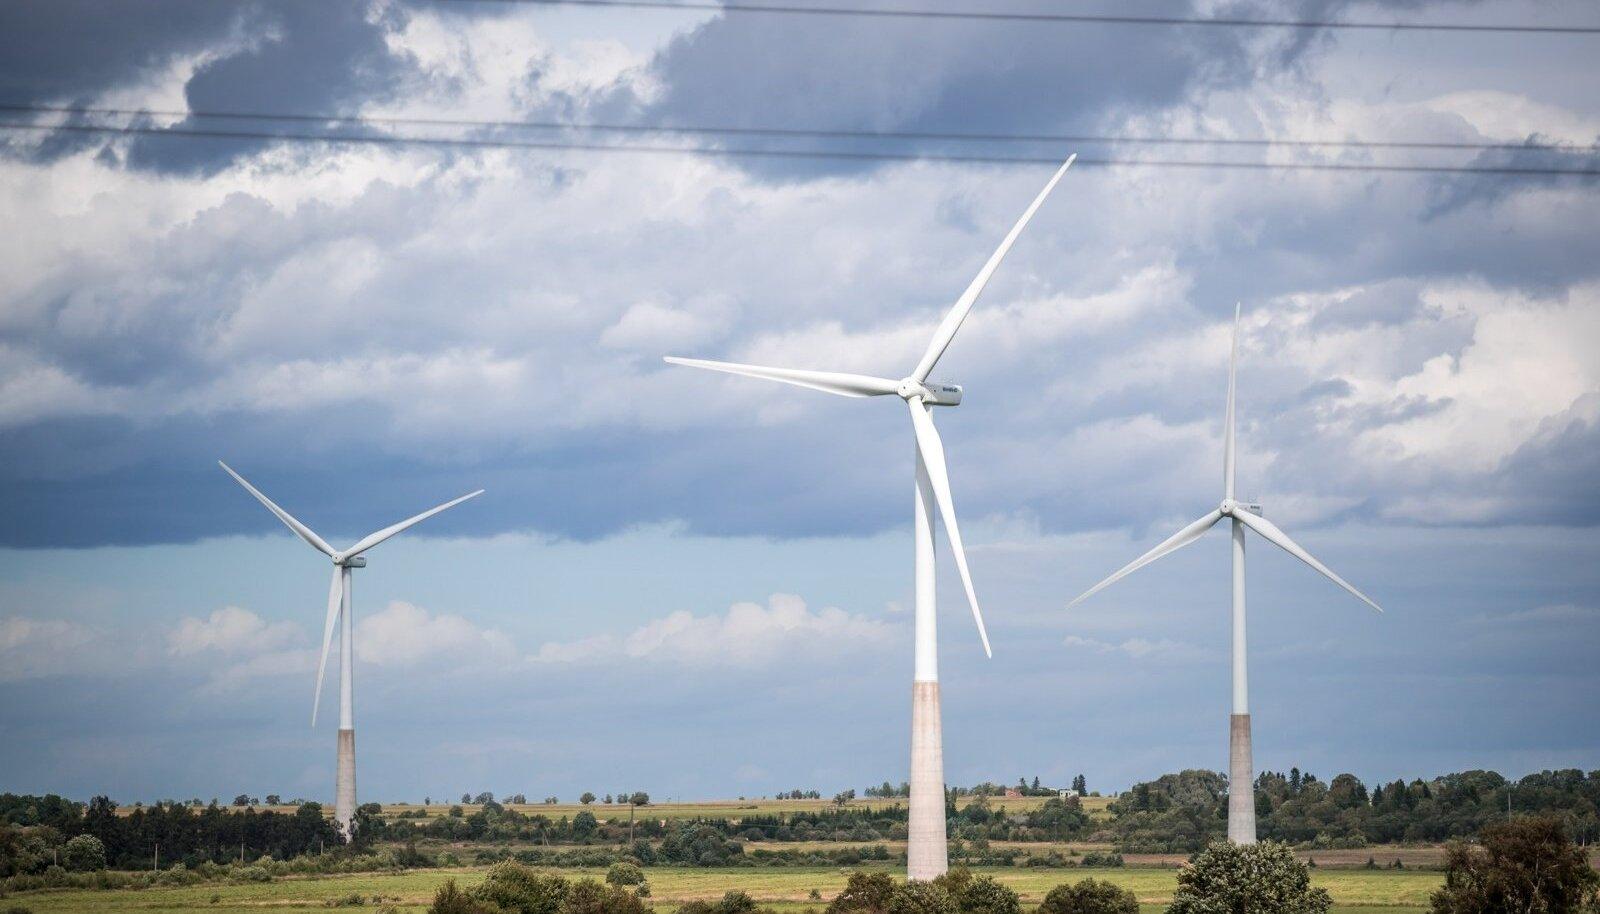 Tuuleenergia on üks suur valdkond, mis on aidanud Ühendkuningriigis roheenergia osakaalu suurendada.